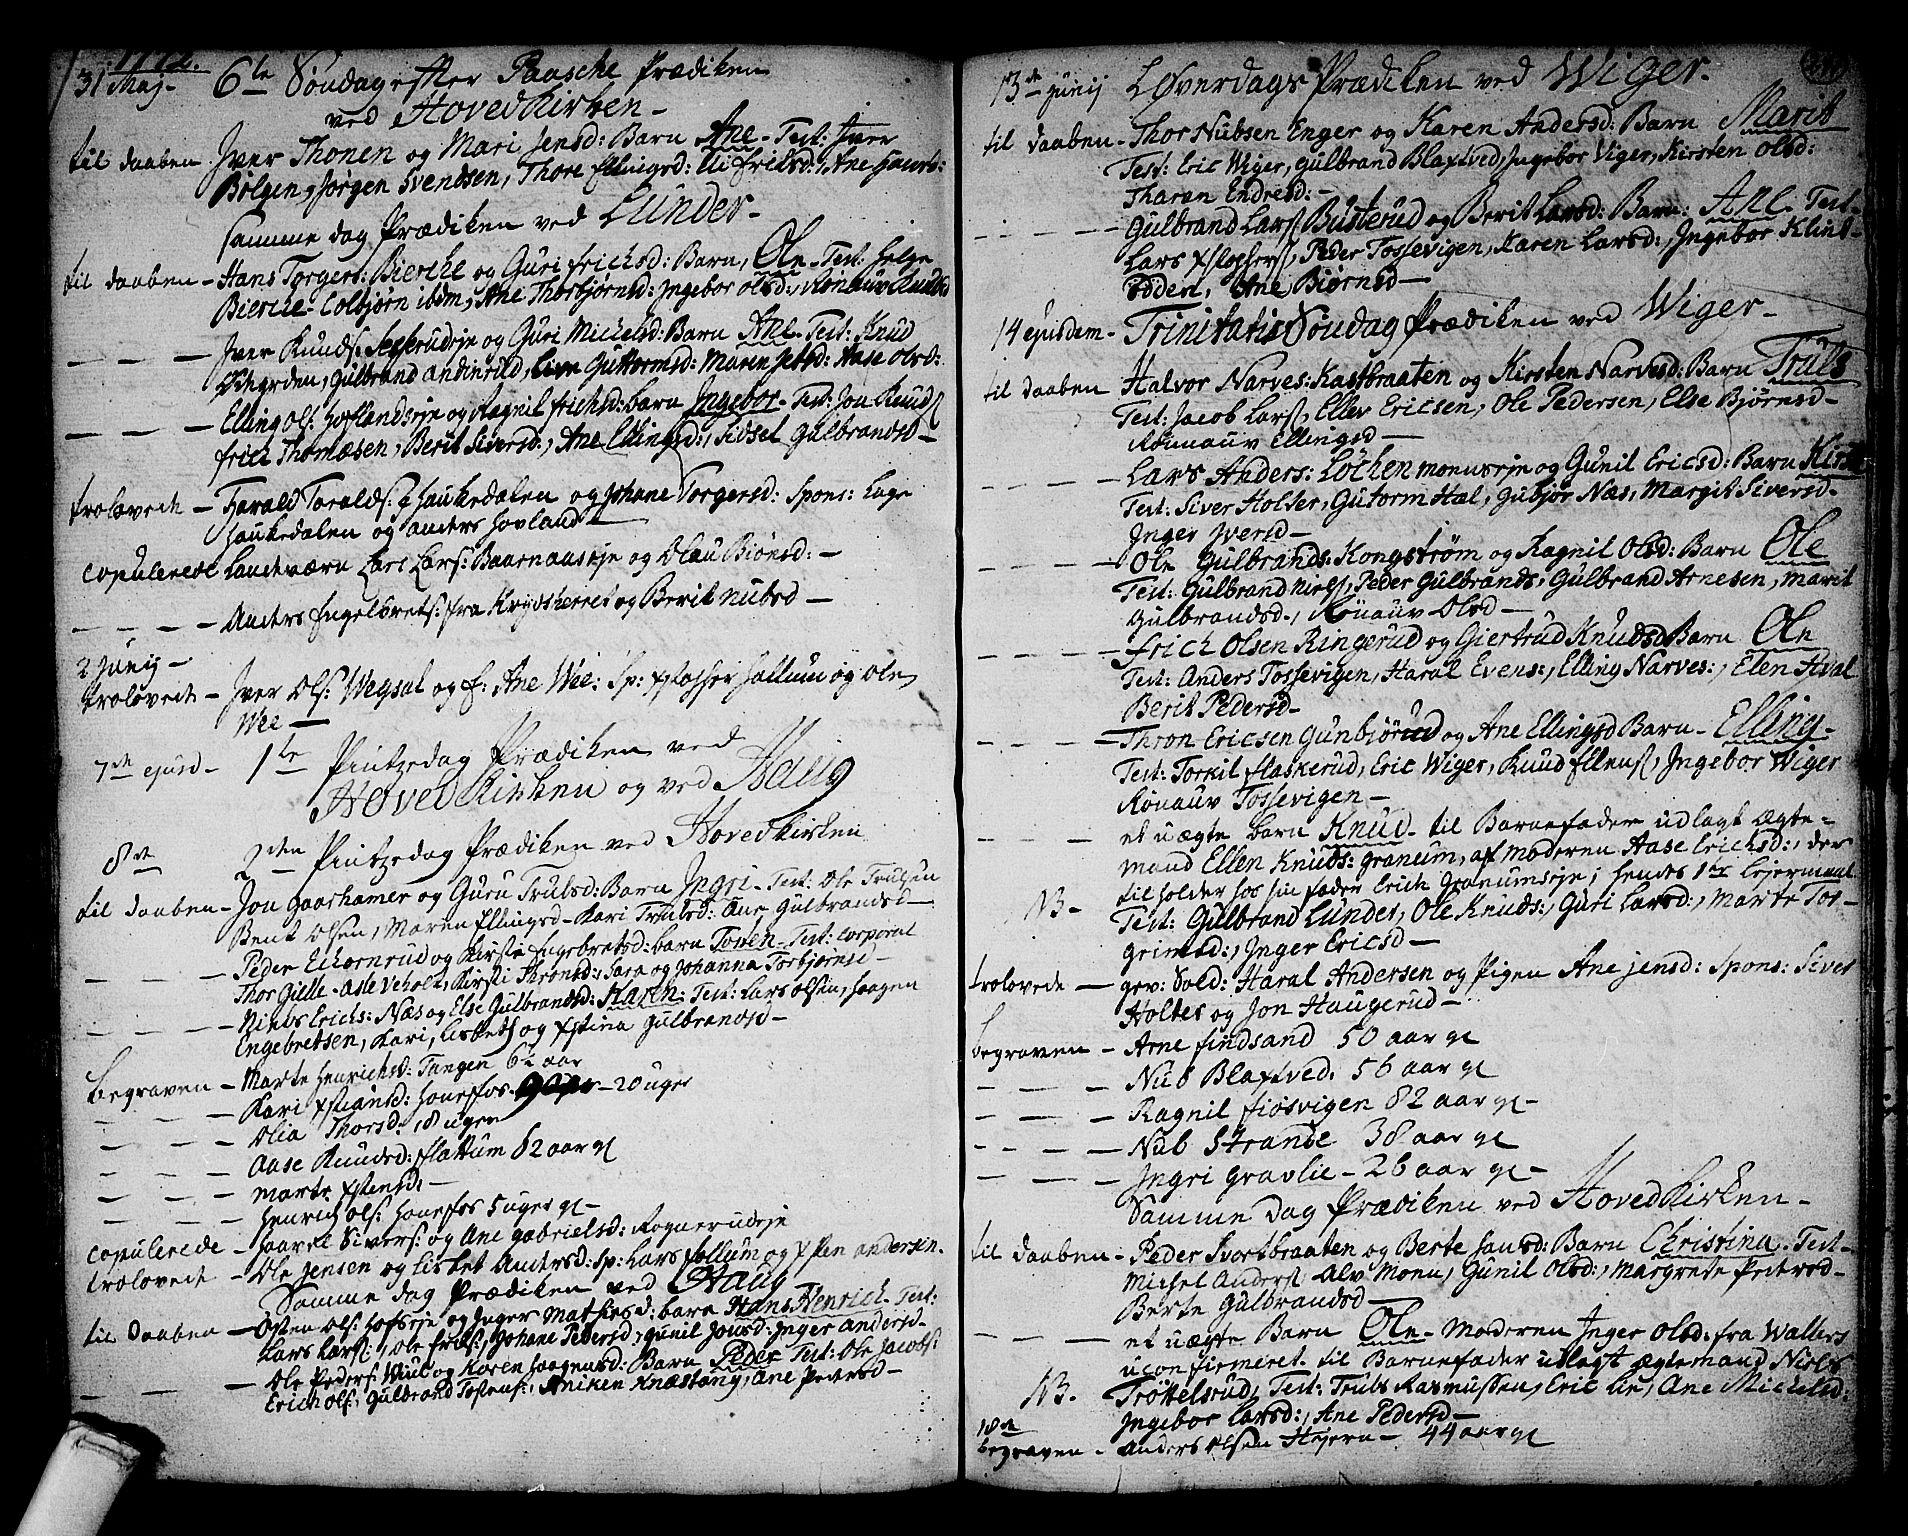 SAKO, Norderhov kirkebøker, F/Fa/L0004: Ministerialbok nr. 4, 1758-1774, s. 241